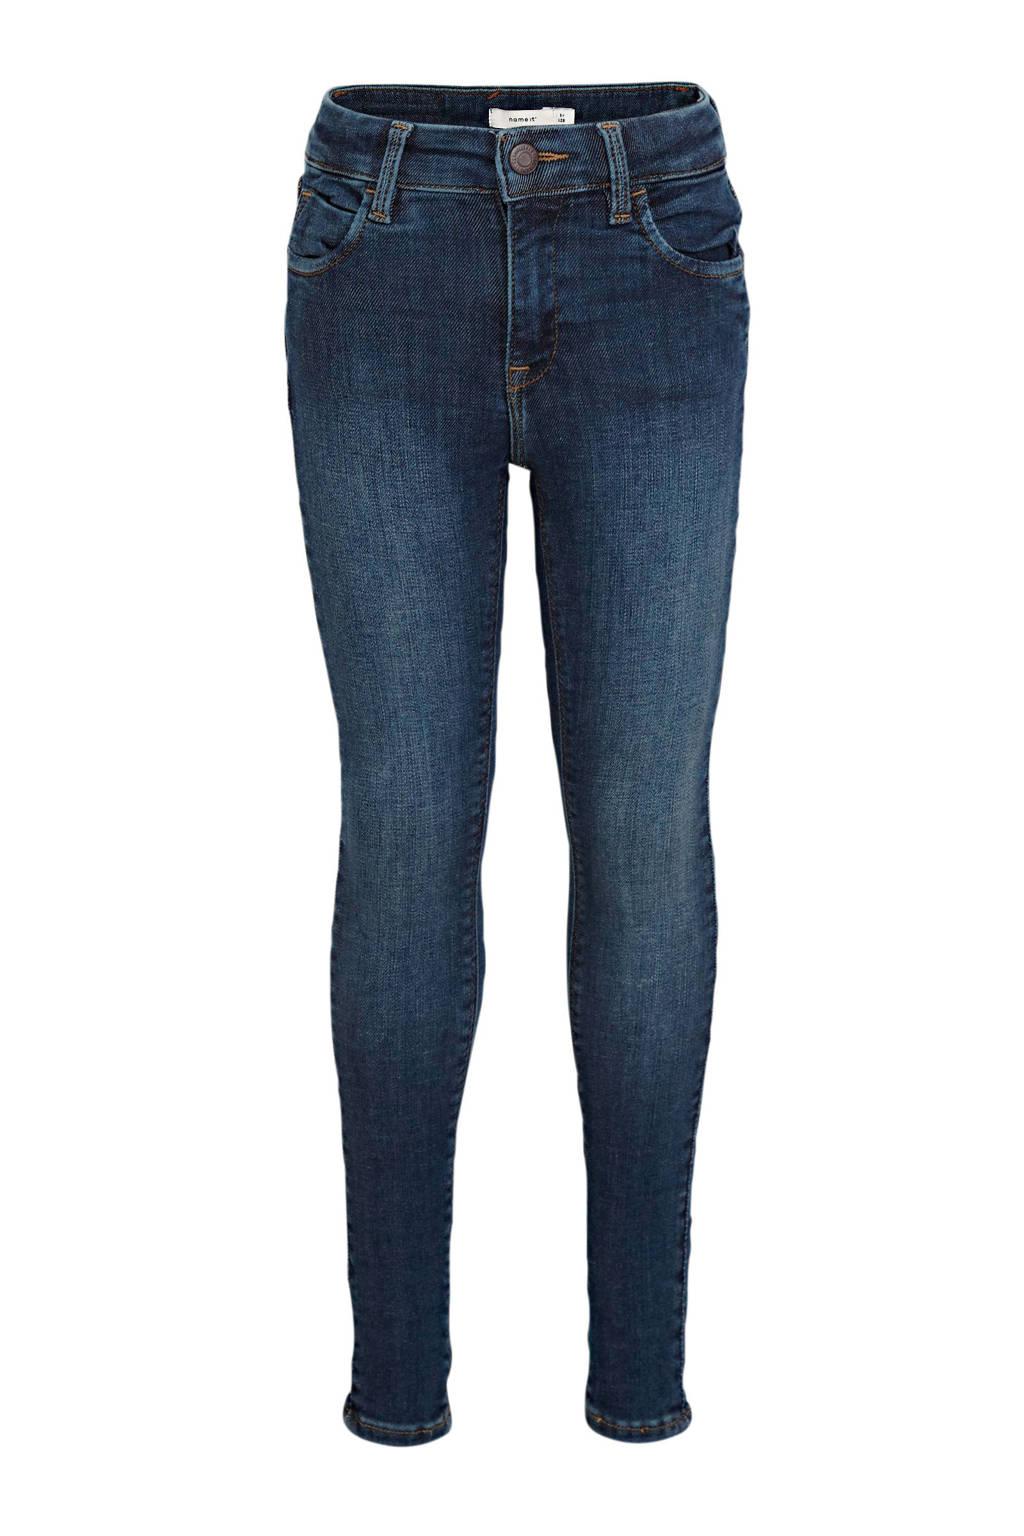 NAME IT KIDS skinny jeans Polly dark denim, Dark denim